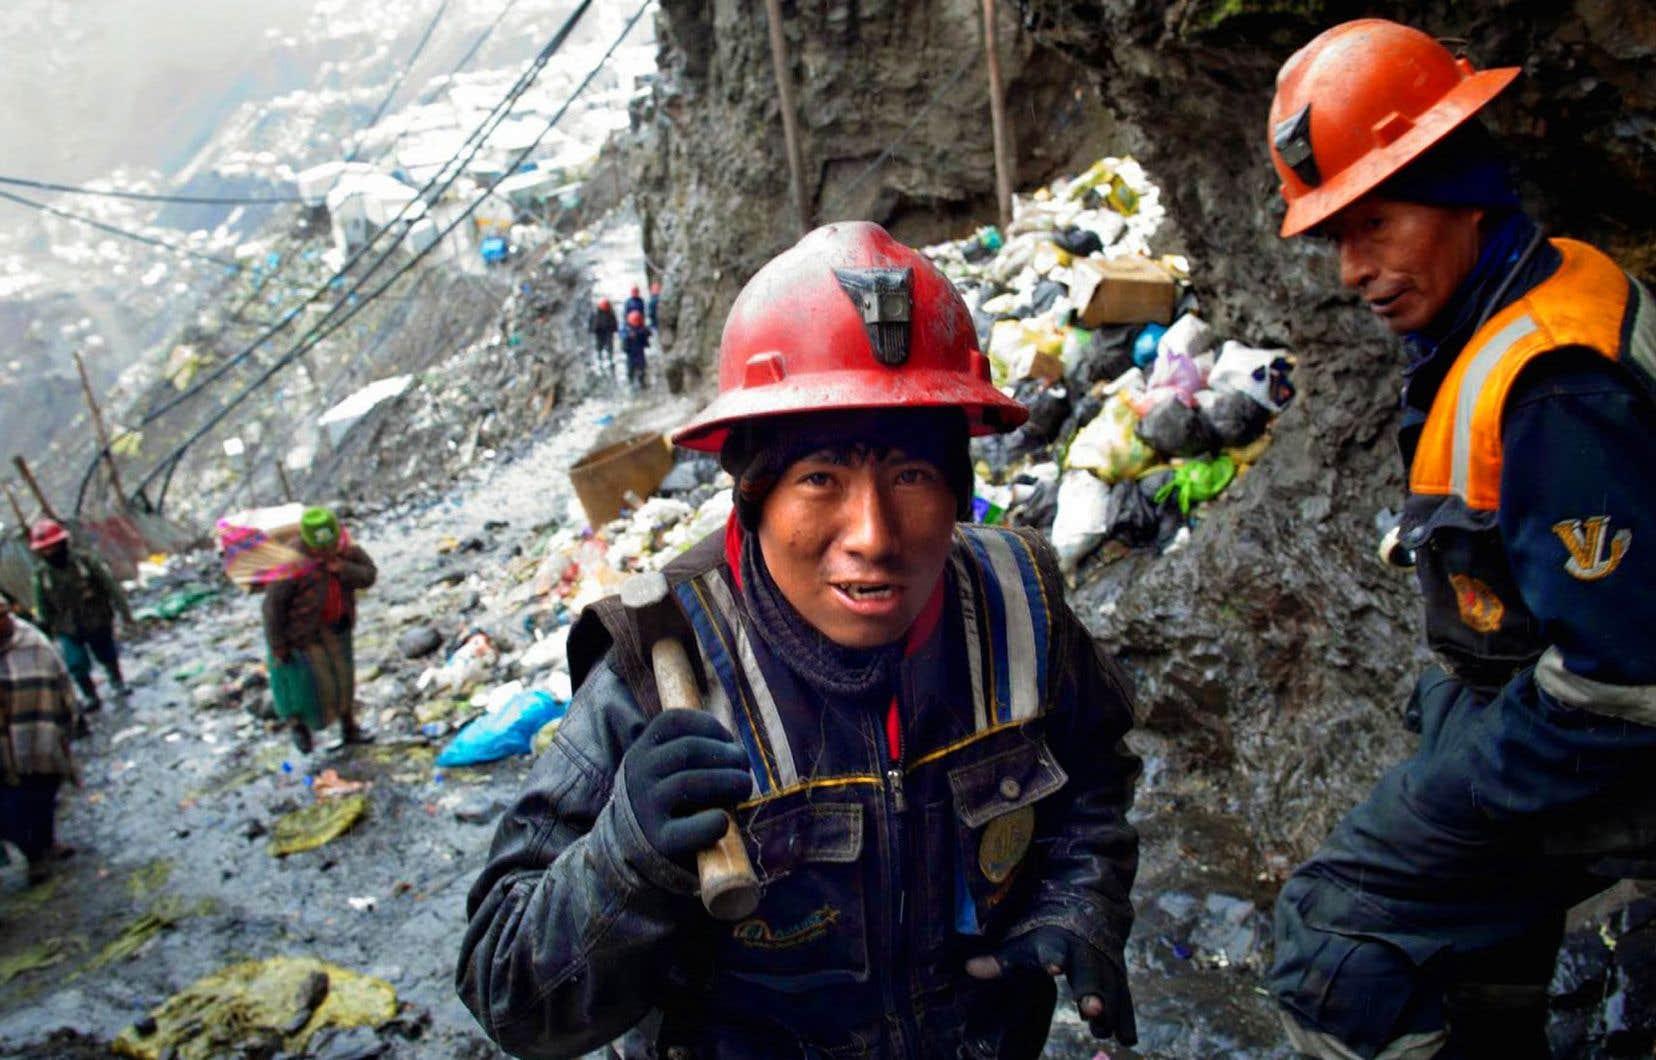 Le second chapitre appartient aux forçats du secteur aurifère et met spécialement en exergue l'extraction artisanale de ce métal qui fait vivre 50millions de personnes sur la planète.